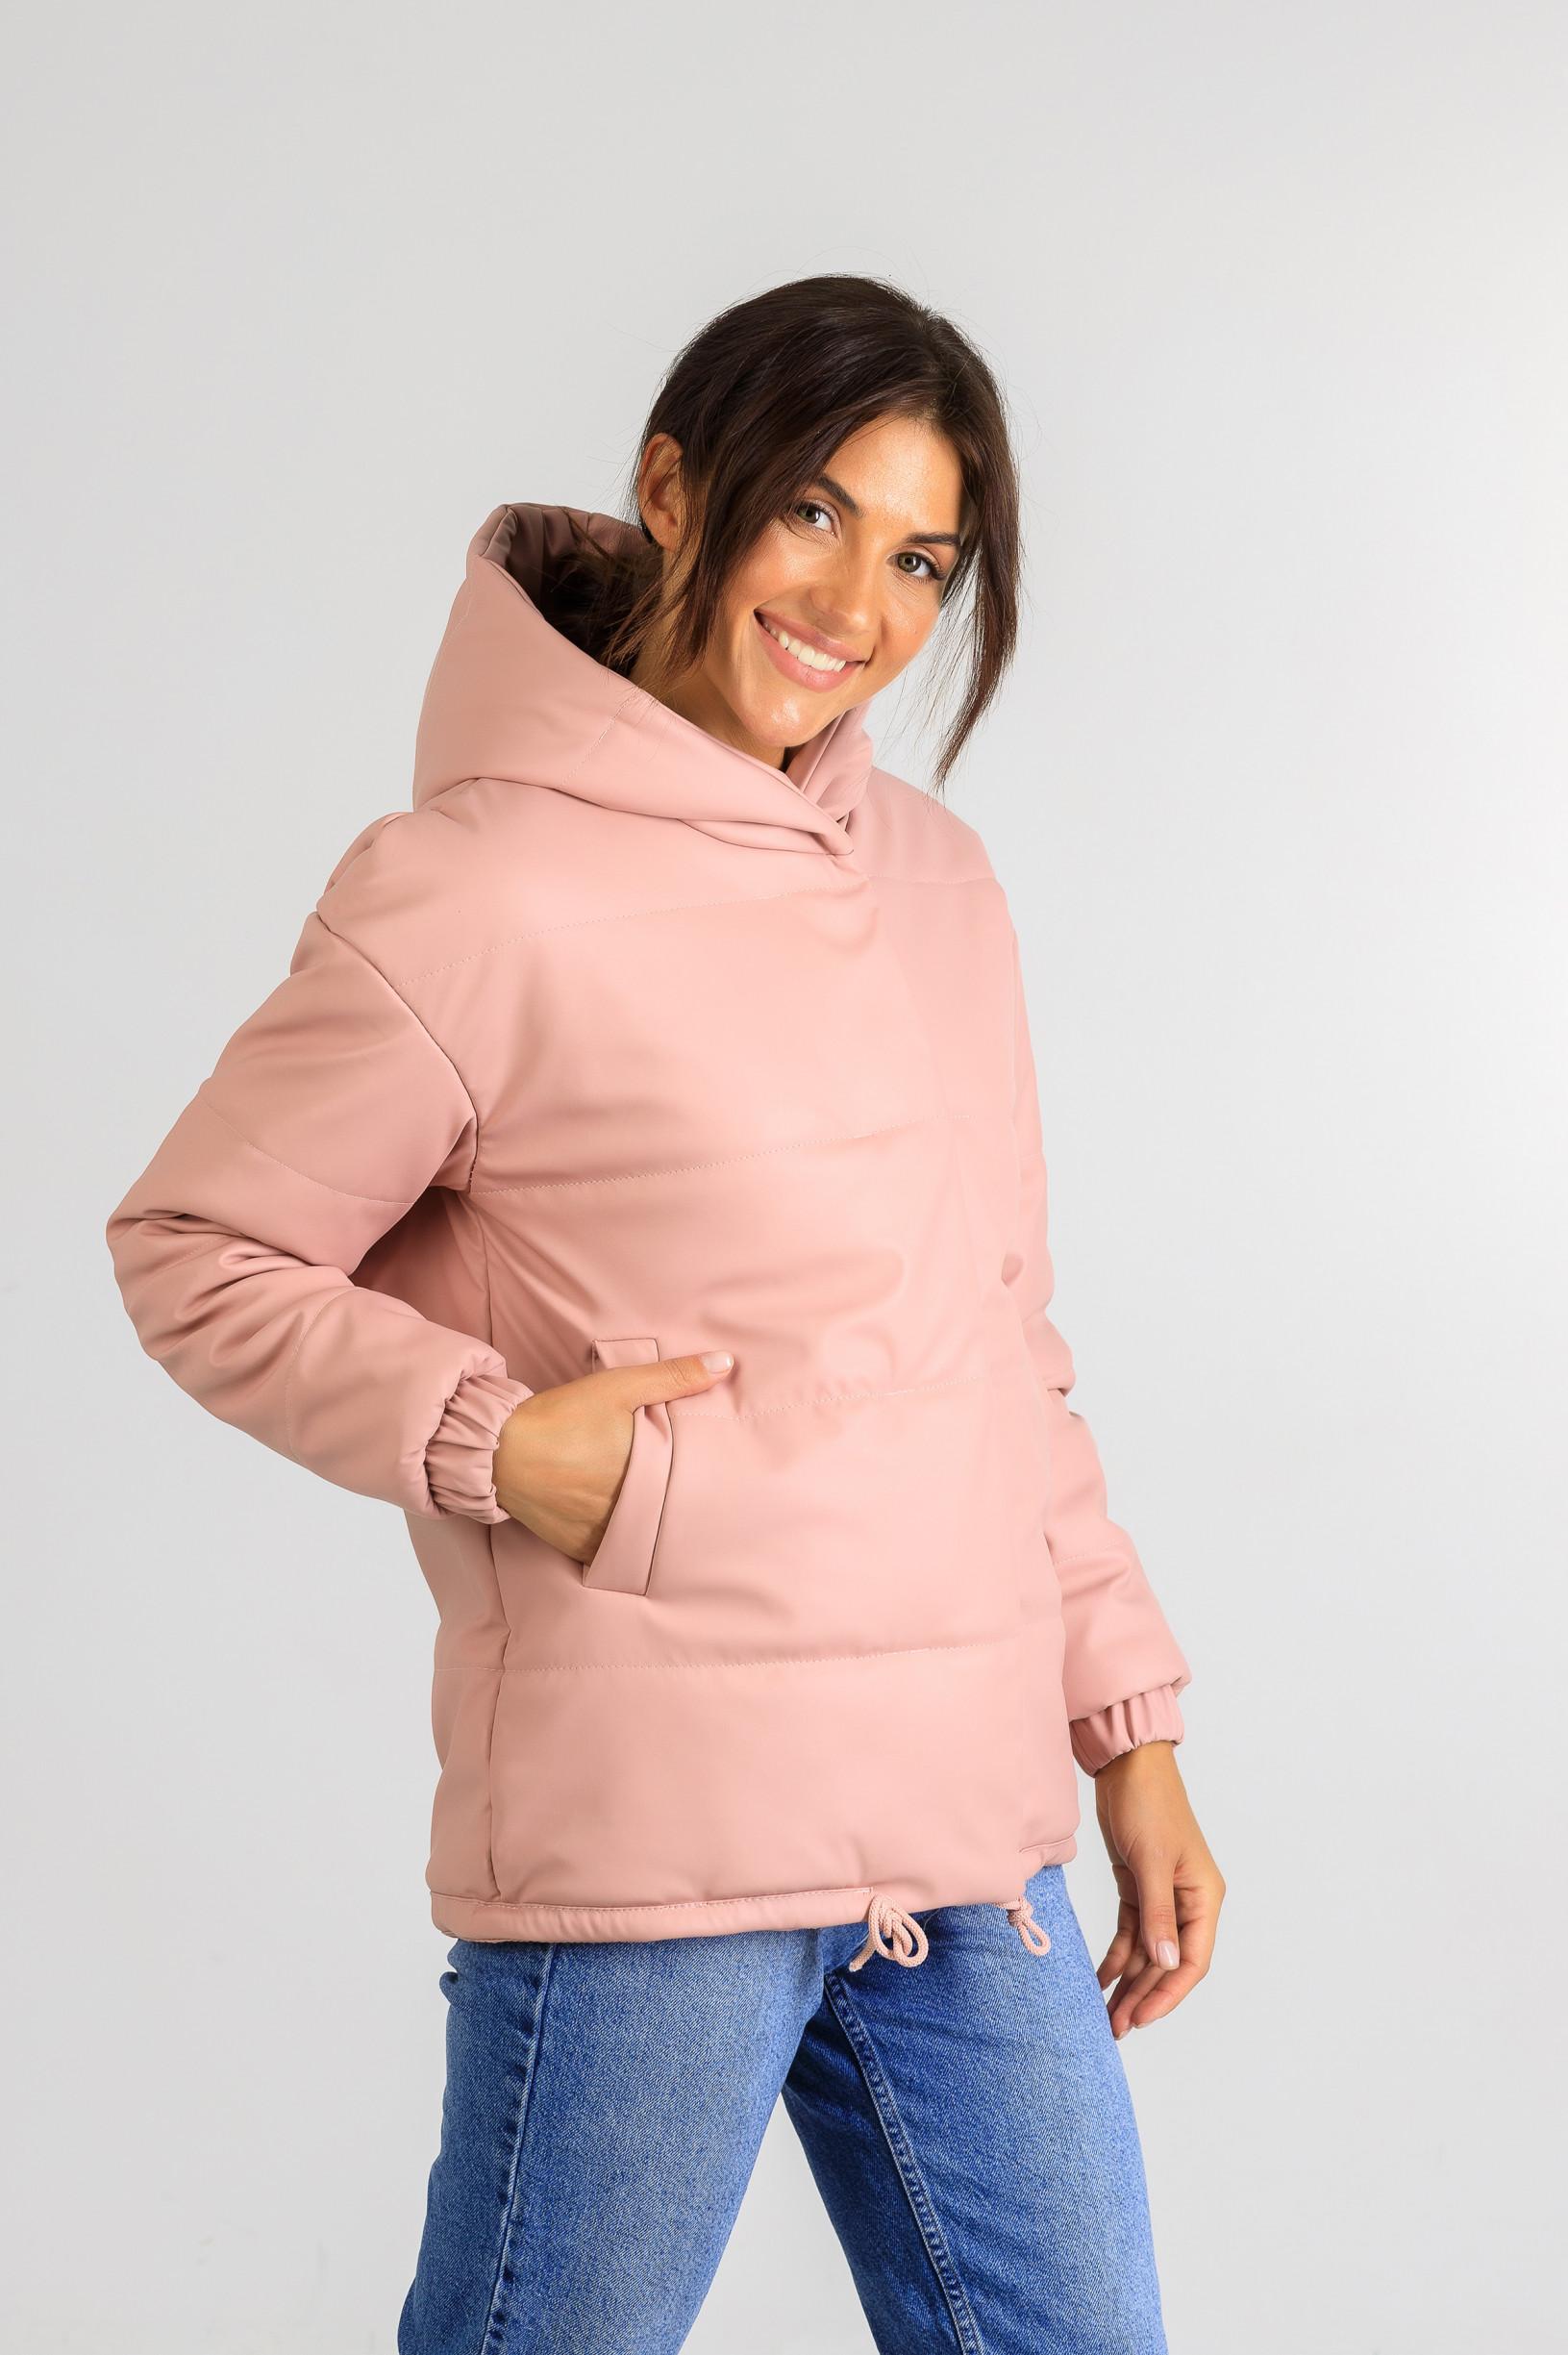 Демисезонная женская куртка из эко-кожи Тина розового цвета